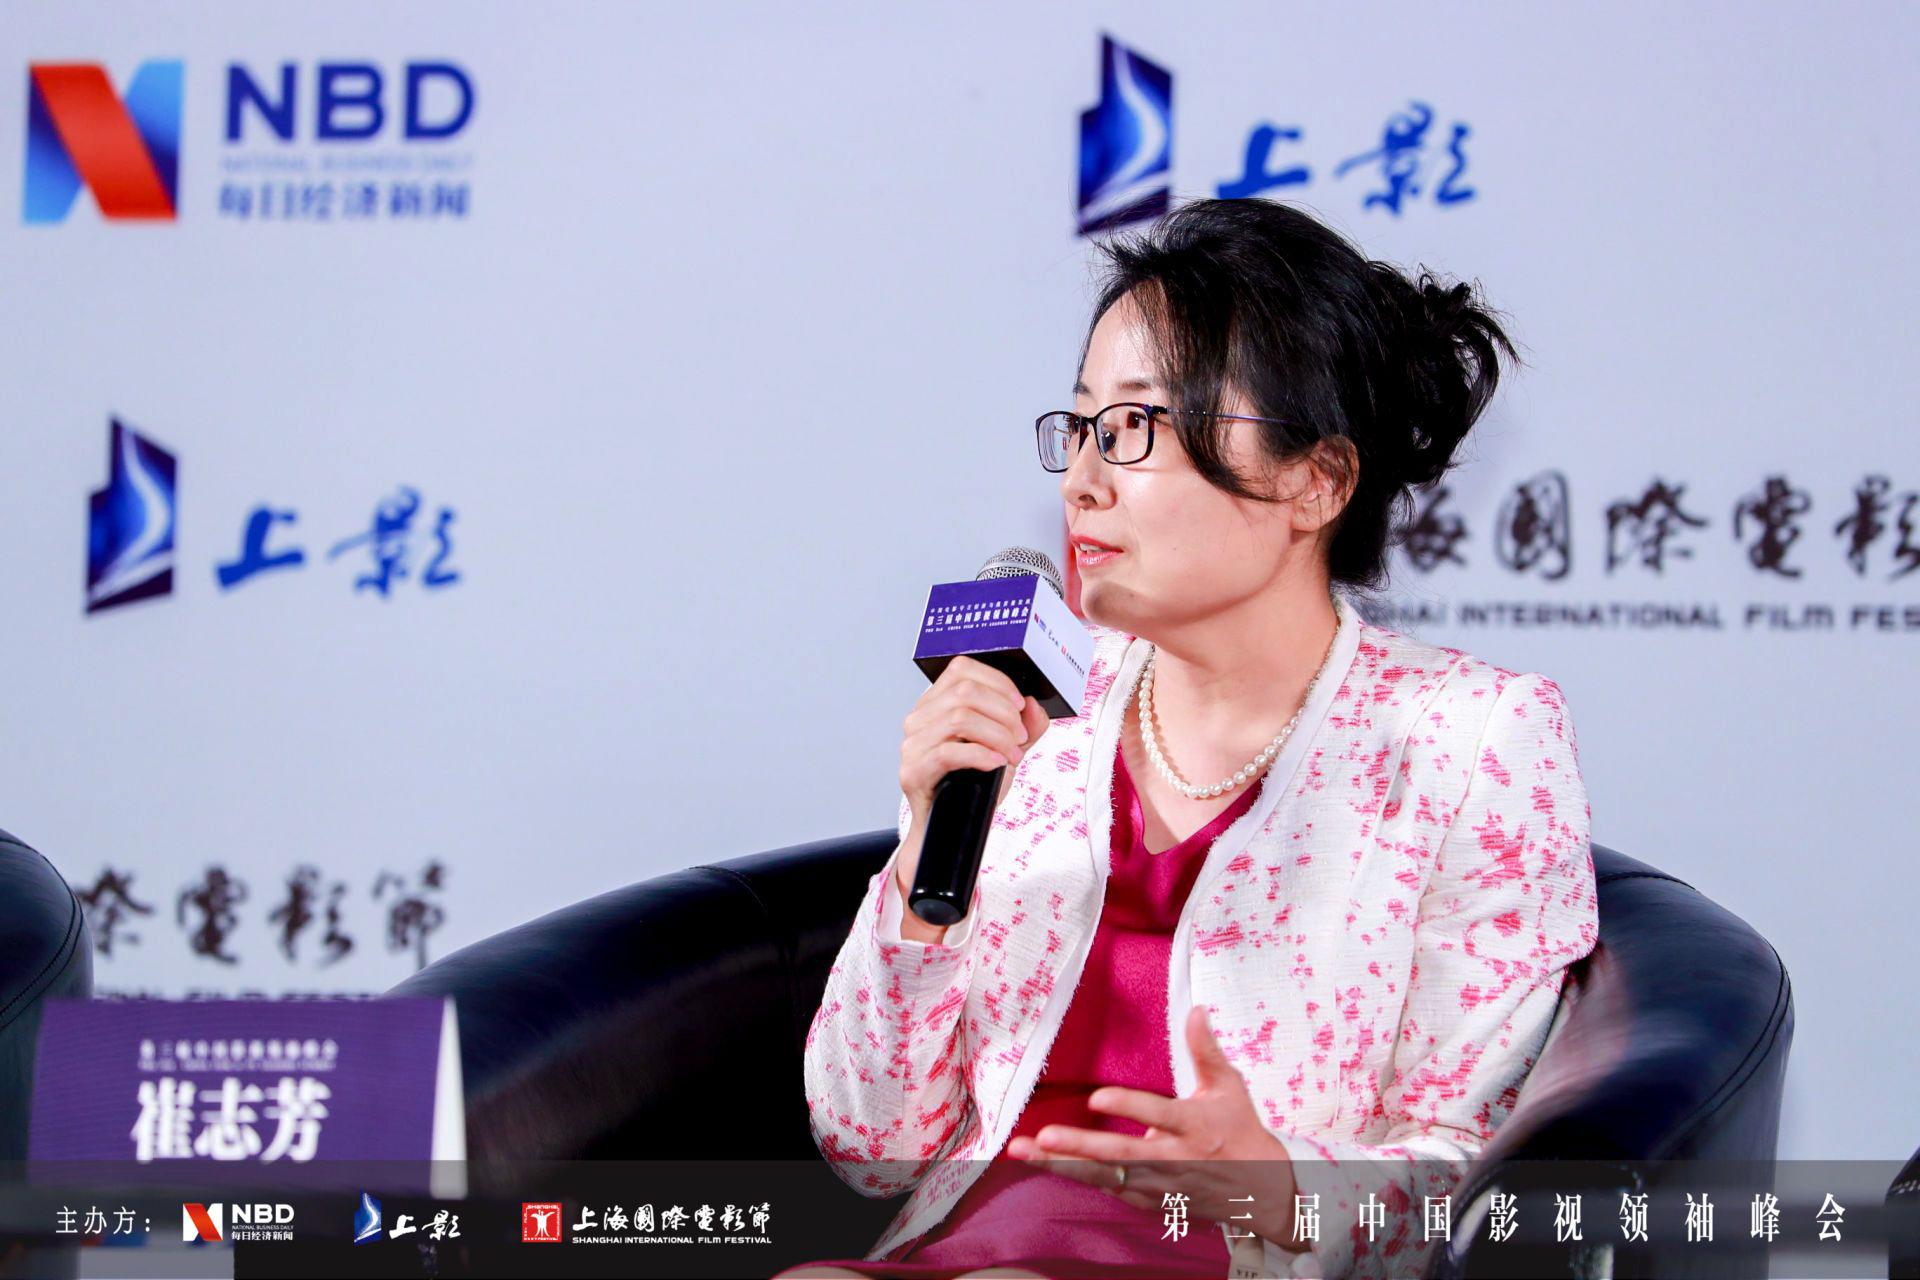 弘毅投资董事总经理崔志芳:新技术将打破电影市场需求与供给之间的鸿沟